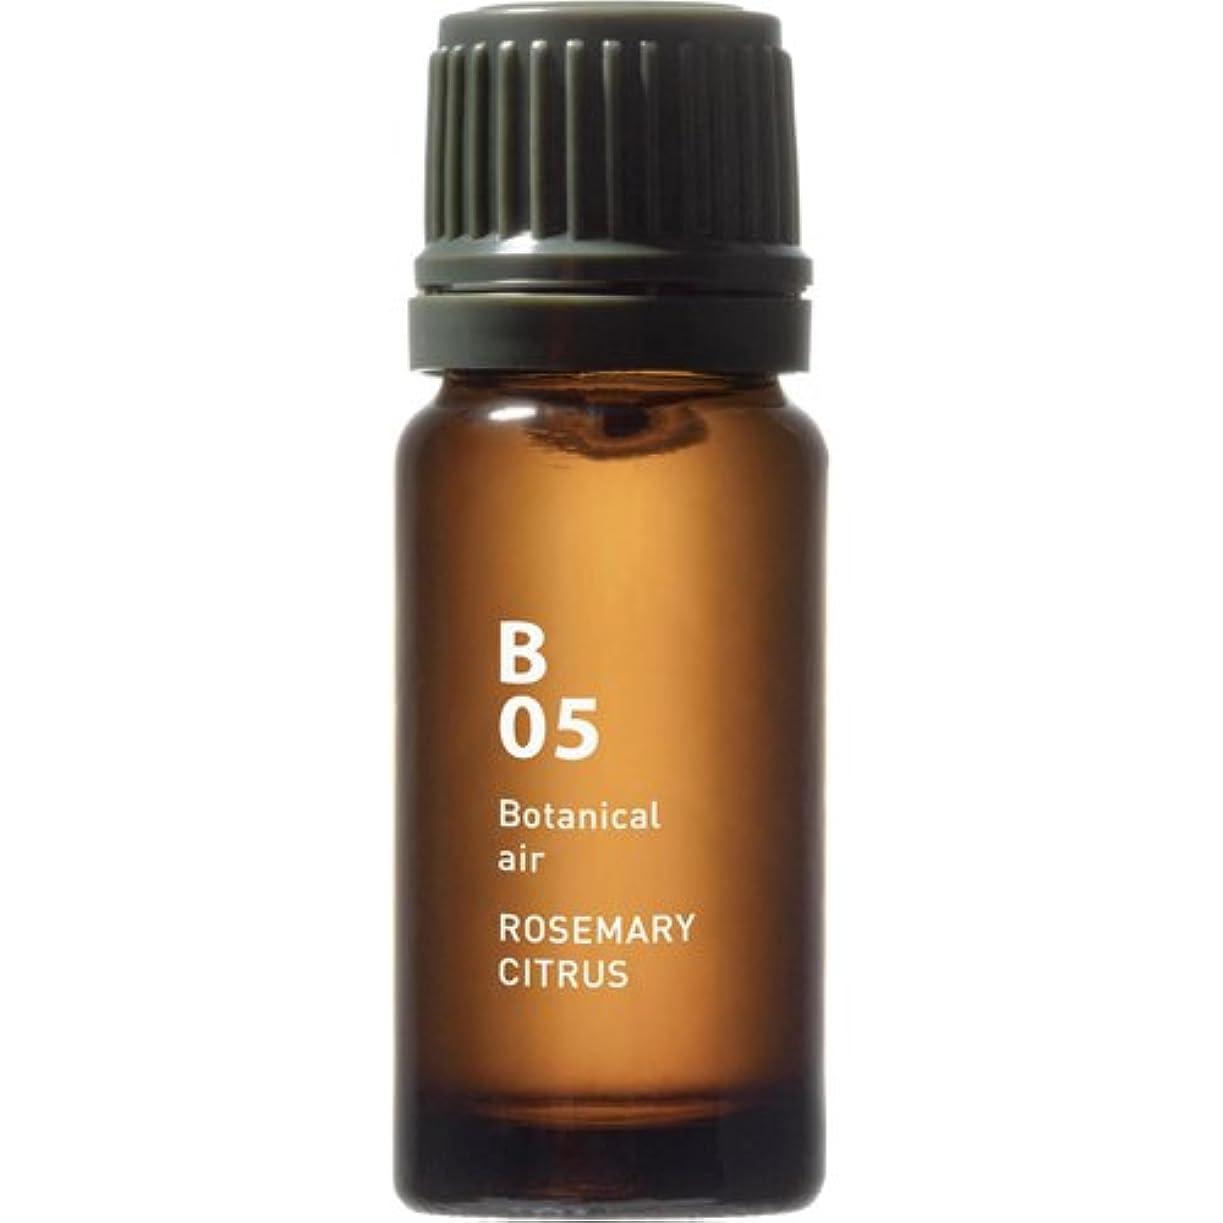 に対応する毛布疫病B05 ローズマリーシトラス Botanical air(ボタニカルエアー) 10ml